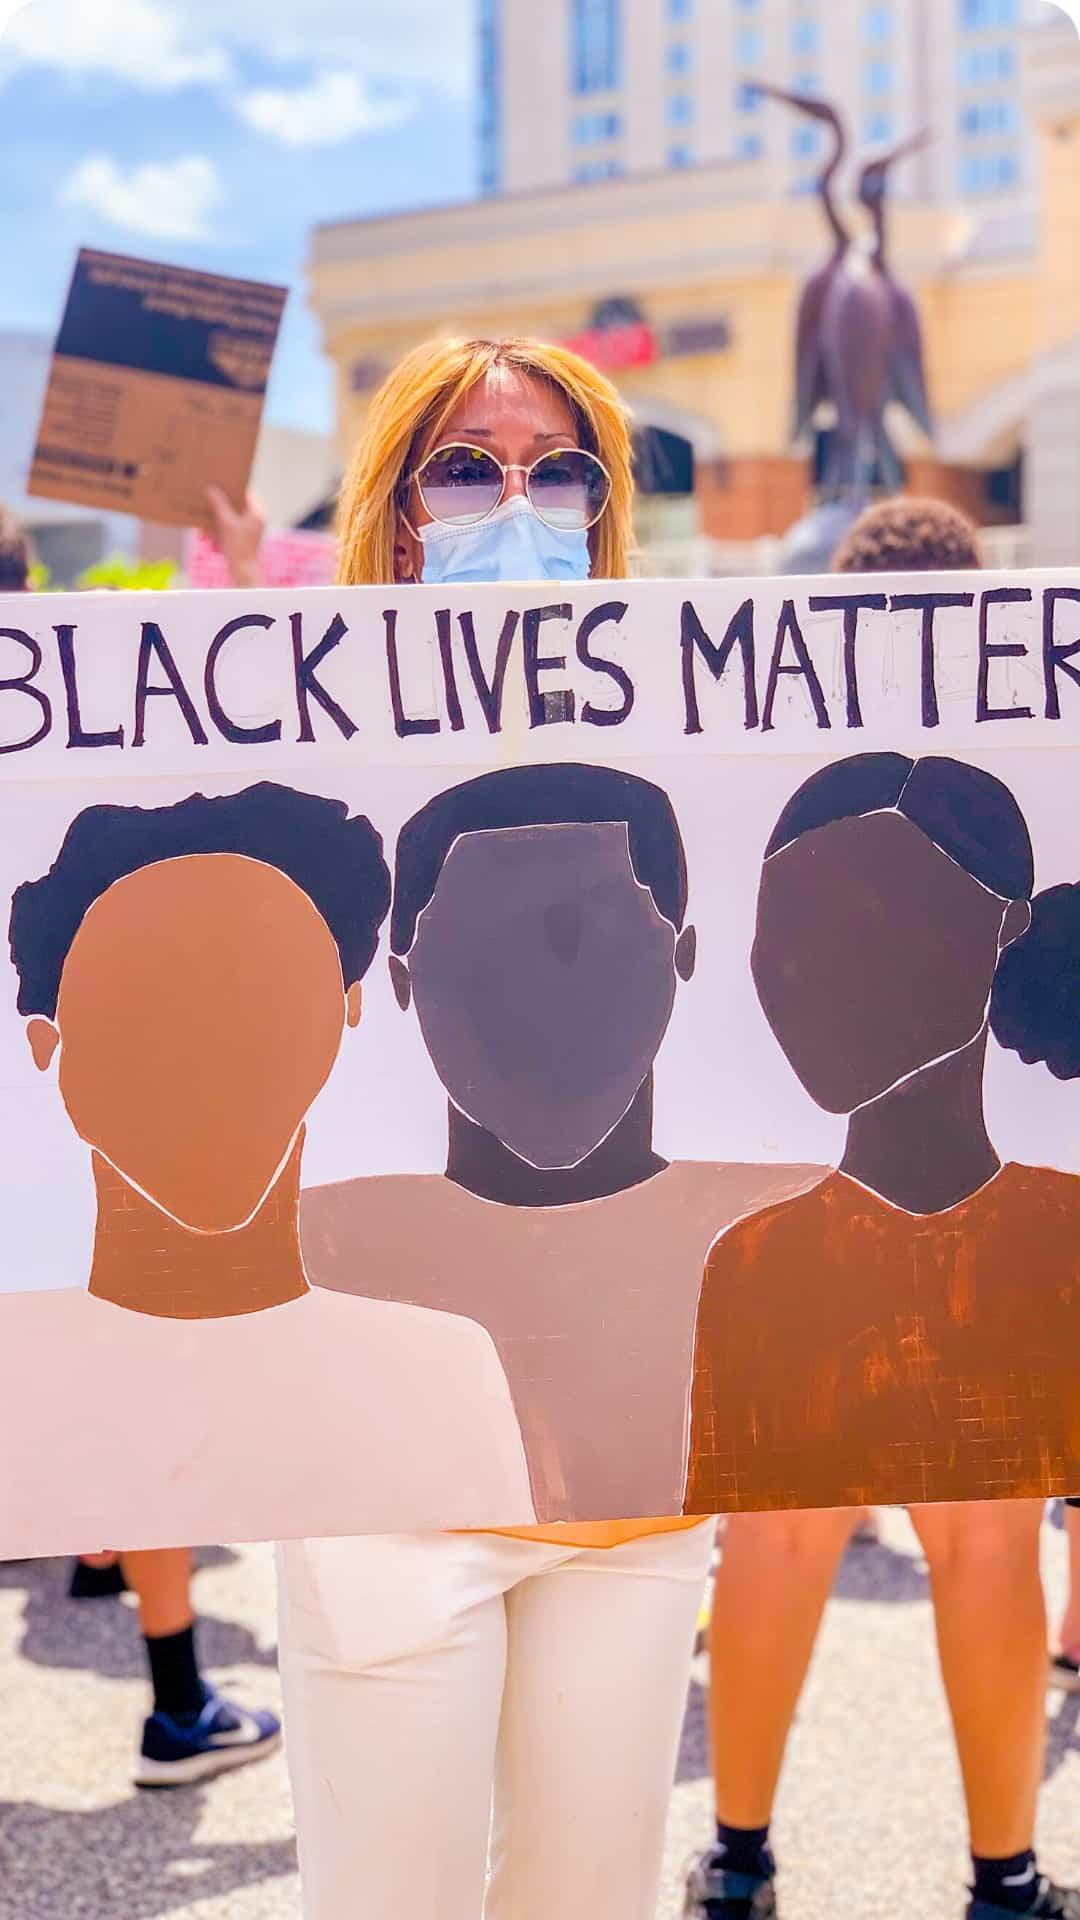 Black lives matter art protest sign